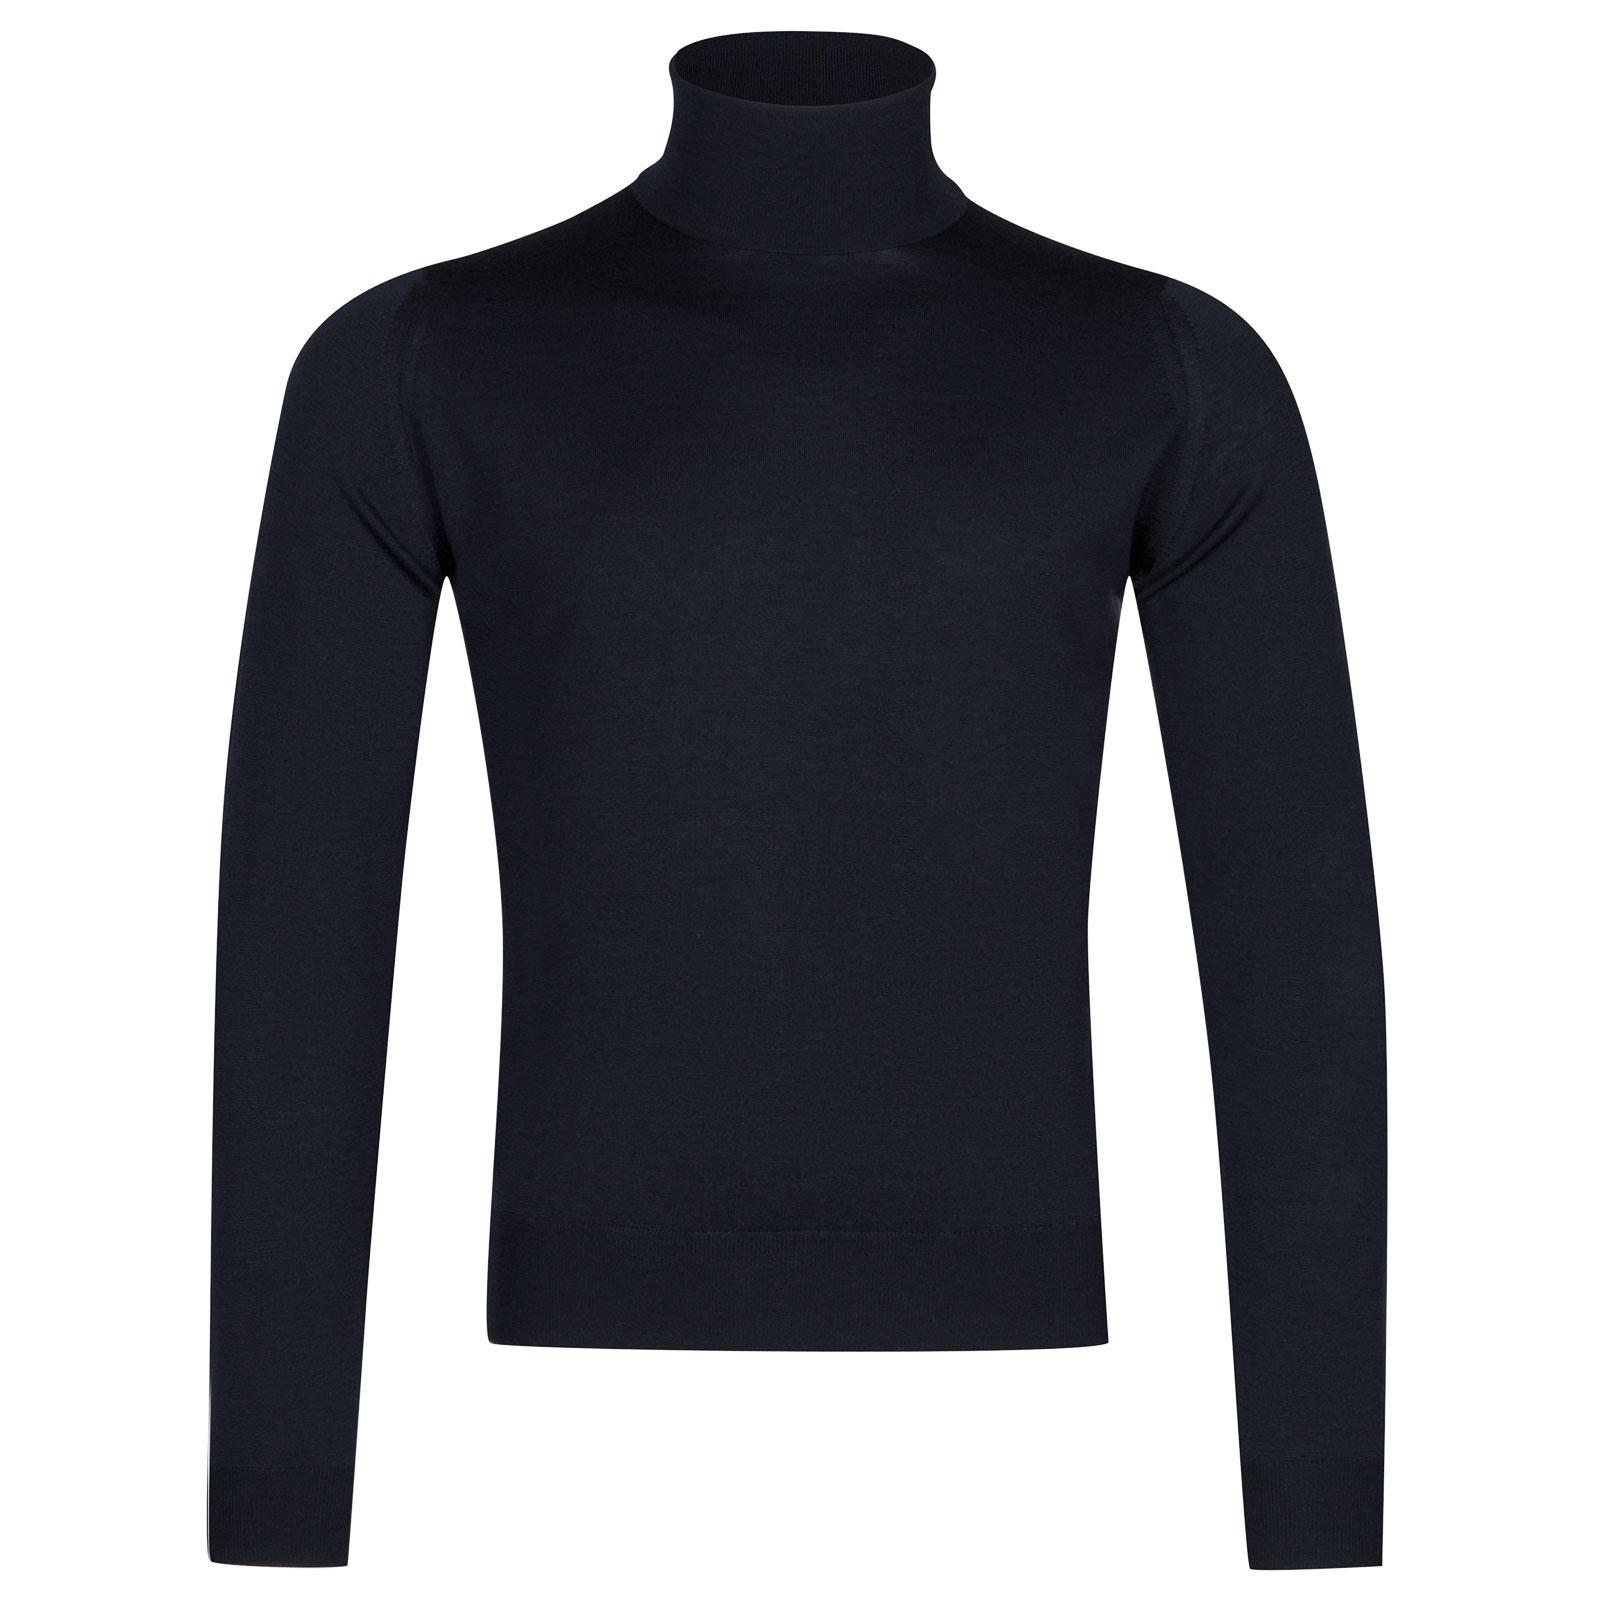 John Smedley Orta Merino Wool Pullover in Midnight-L